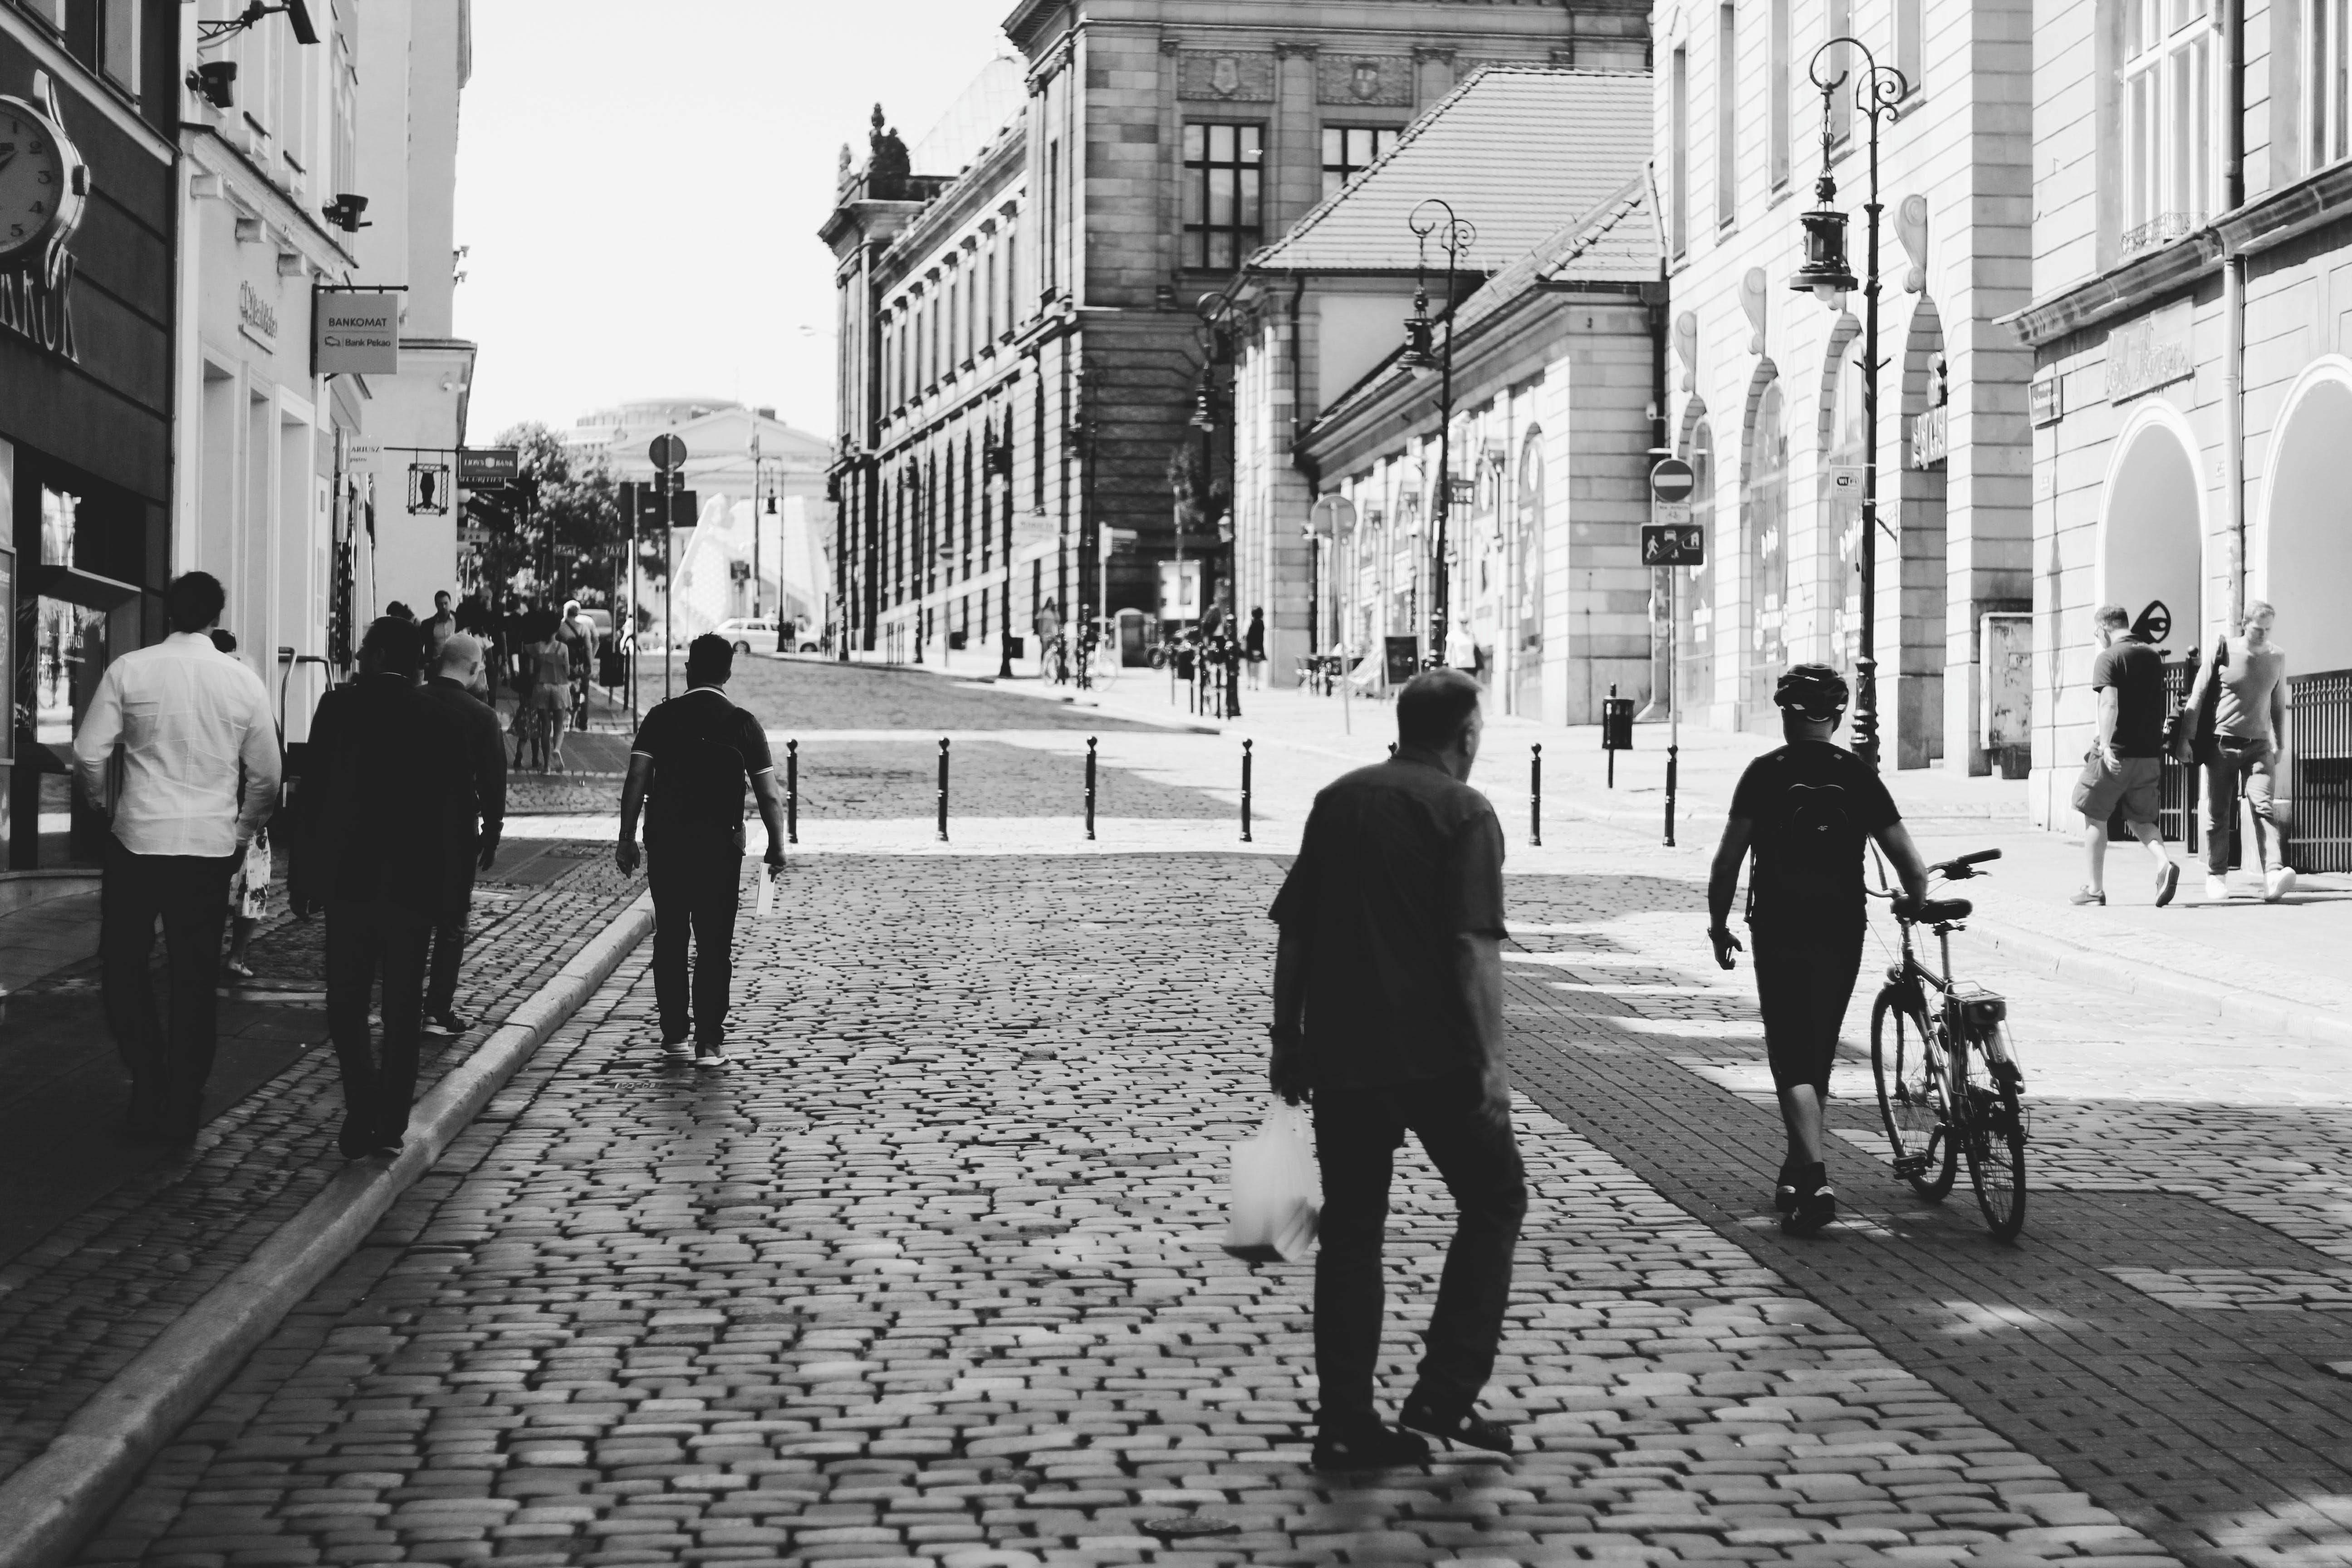 Arnavut kaldırımlı sokak, aşındırmak, binalar, bisiklet içeren Ücretsiz stok fotoğraf